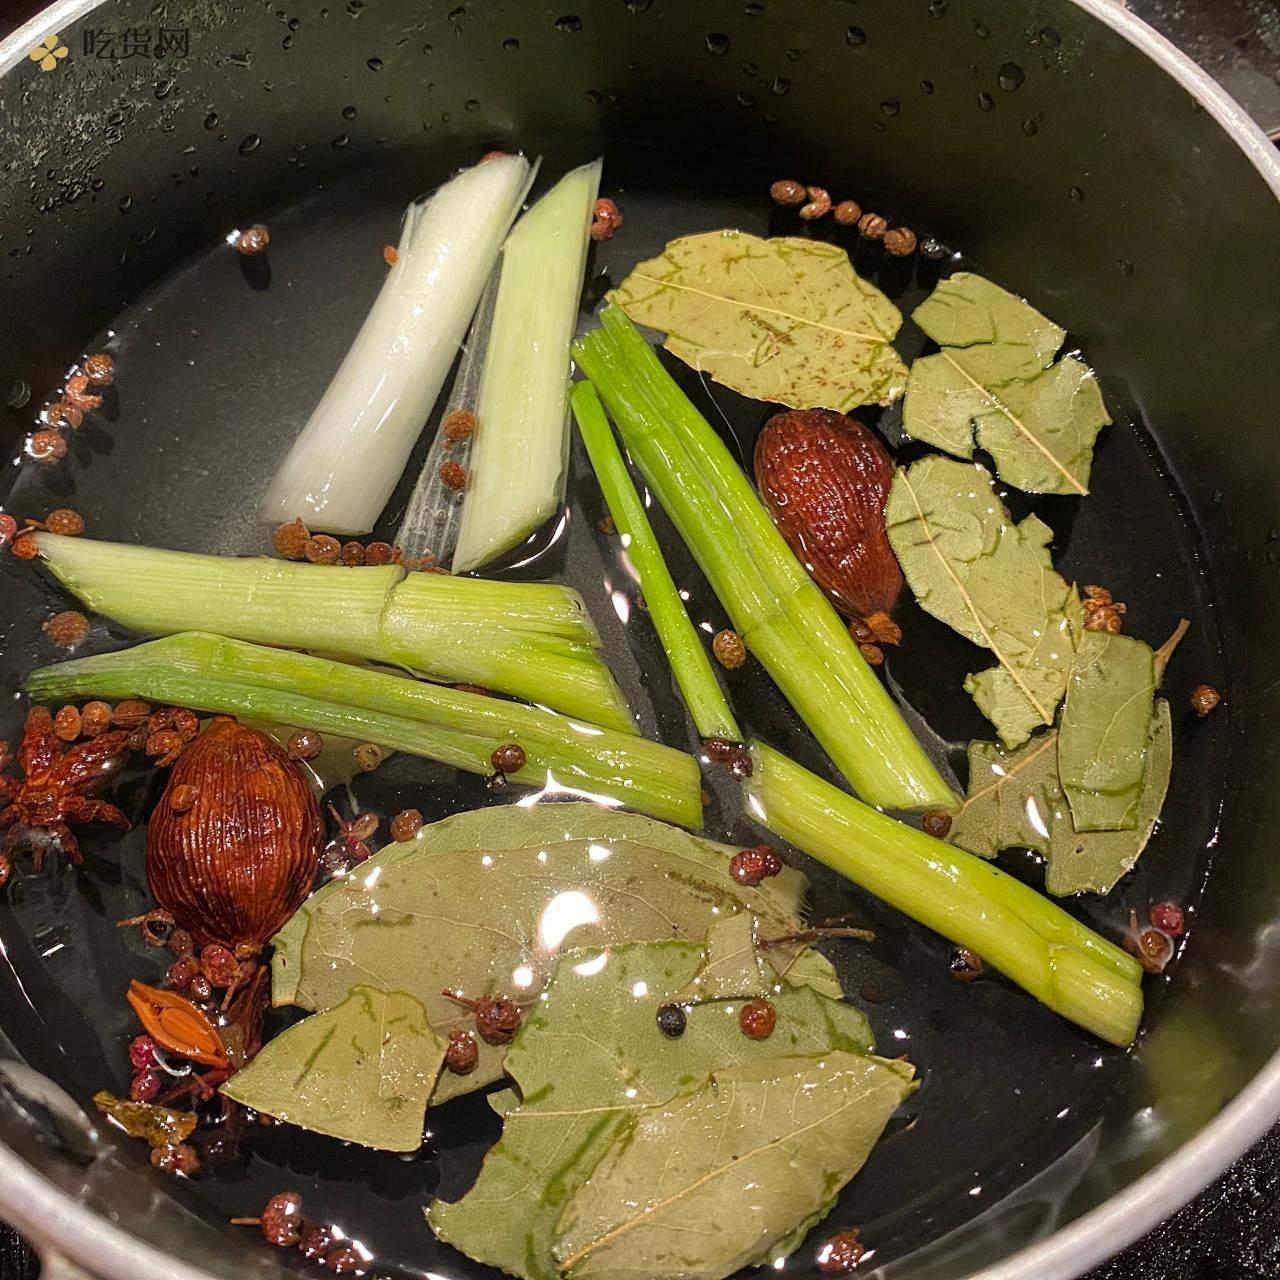 陕西安康蒸面详细版(附醋汤、辣子、蒜水做法)的做法 步骤5